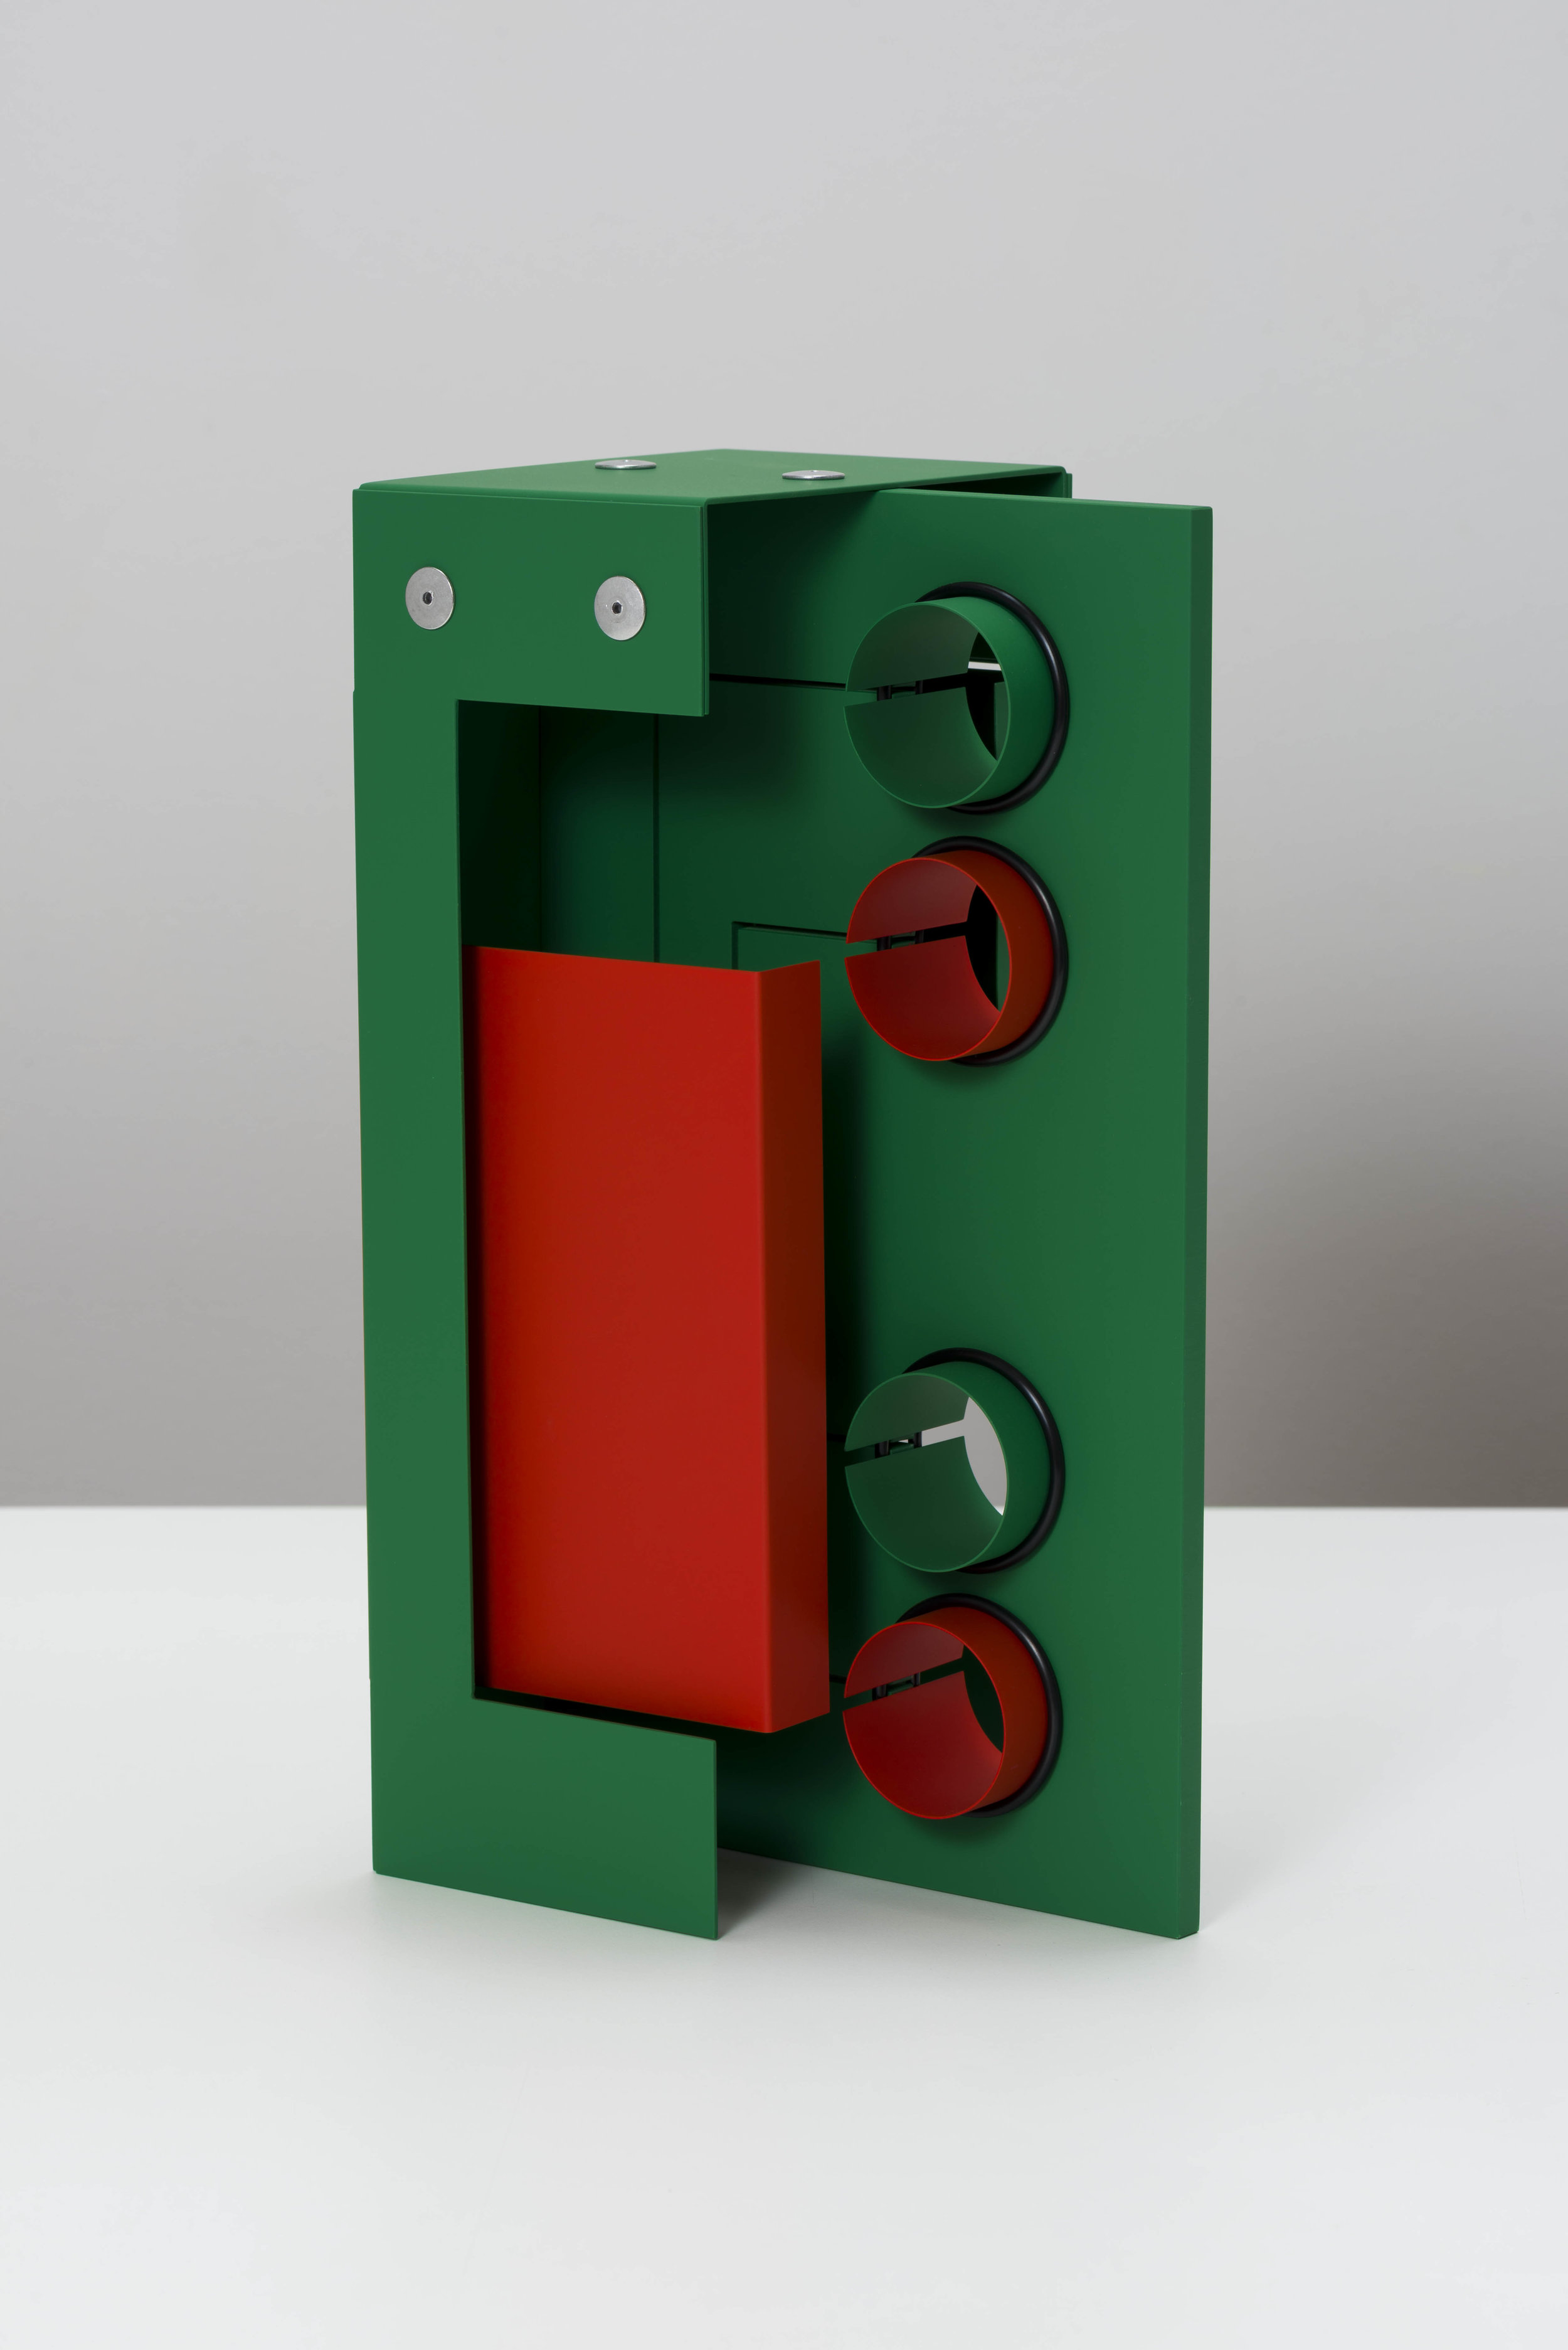 Matt Paweski,  Circuit (Hot) , 2019, aluminum, aluminum rivets, rubber o-rings, vinyl paint, 12 × 18 × 6 inches (30.5 × 45.7 × 15.2 cm)